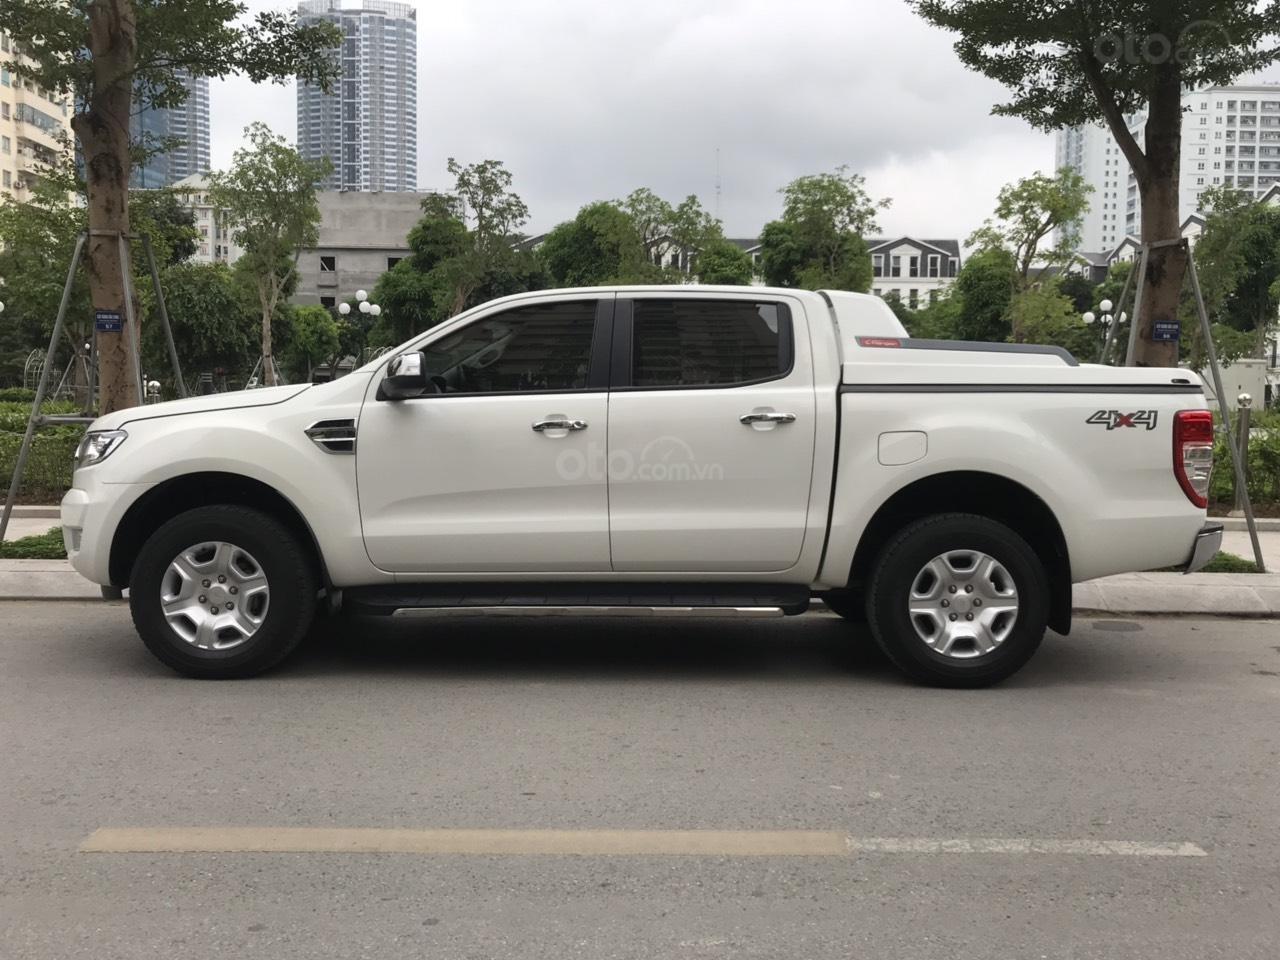 Tín Thành Auto- Ford Ranger XLT 2.2MT model 2016, trả góp lãi suất siêu thấp, liên hệ: Mr. Vũ Văn Huy: 097.171.8228-2